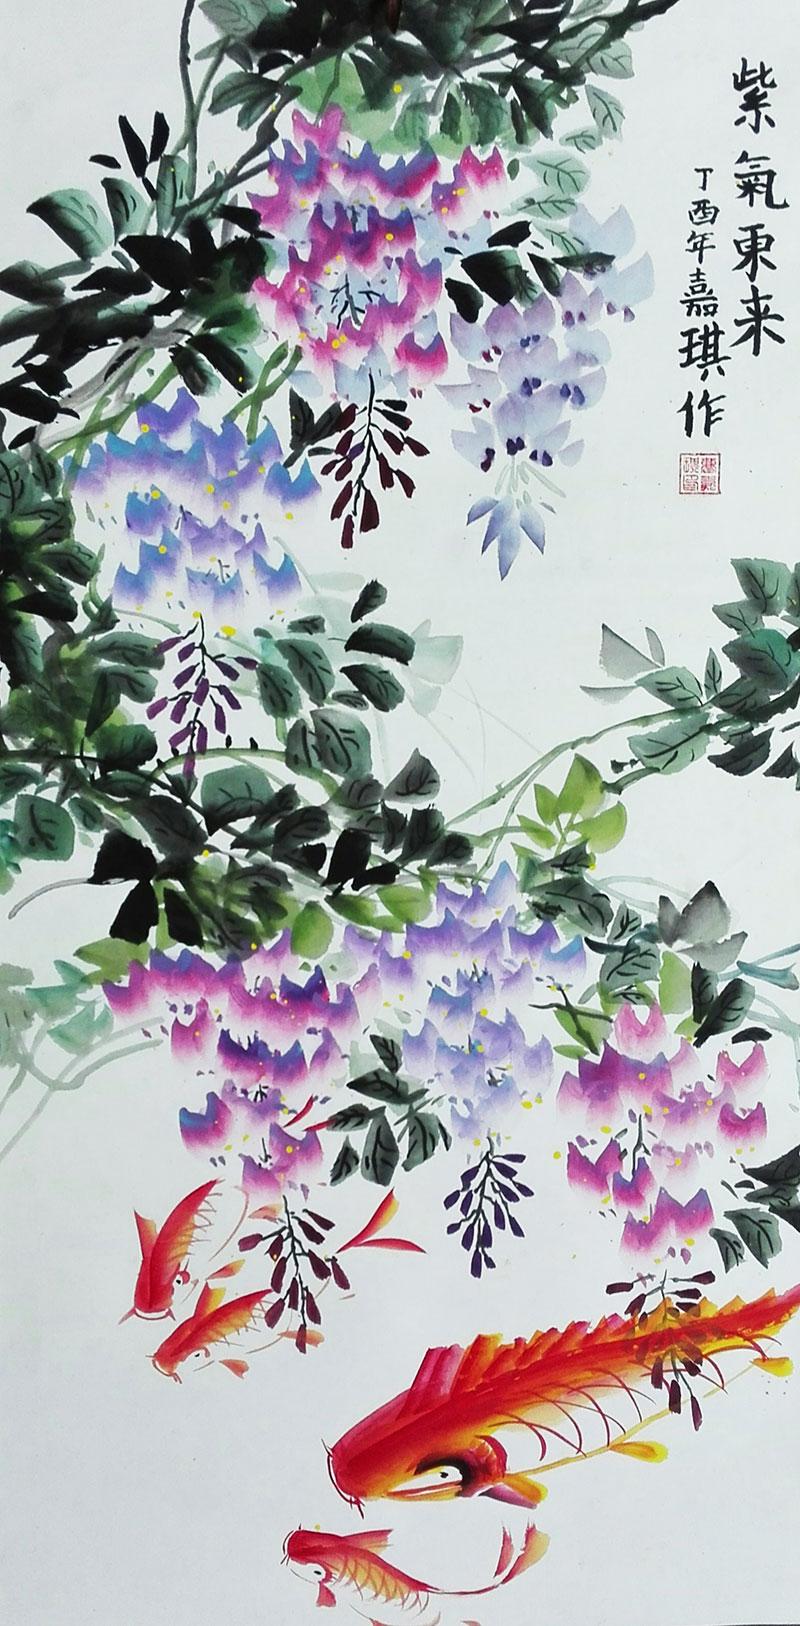 希望美术教育儿童国画作品之花鸟《紫藤》